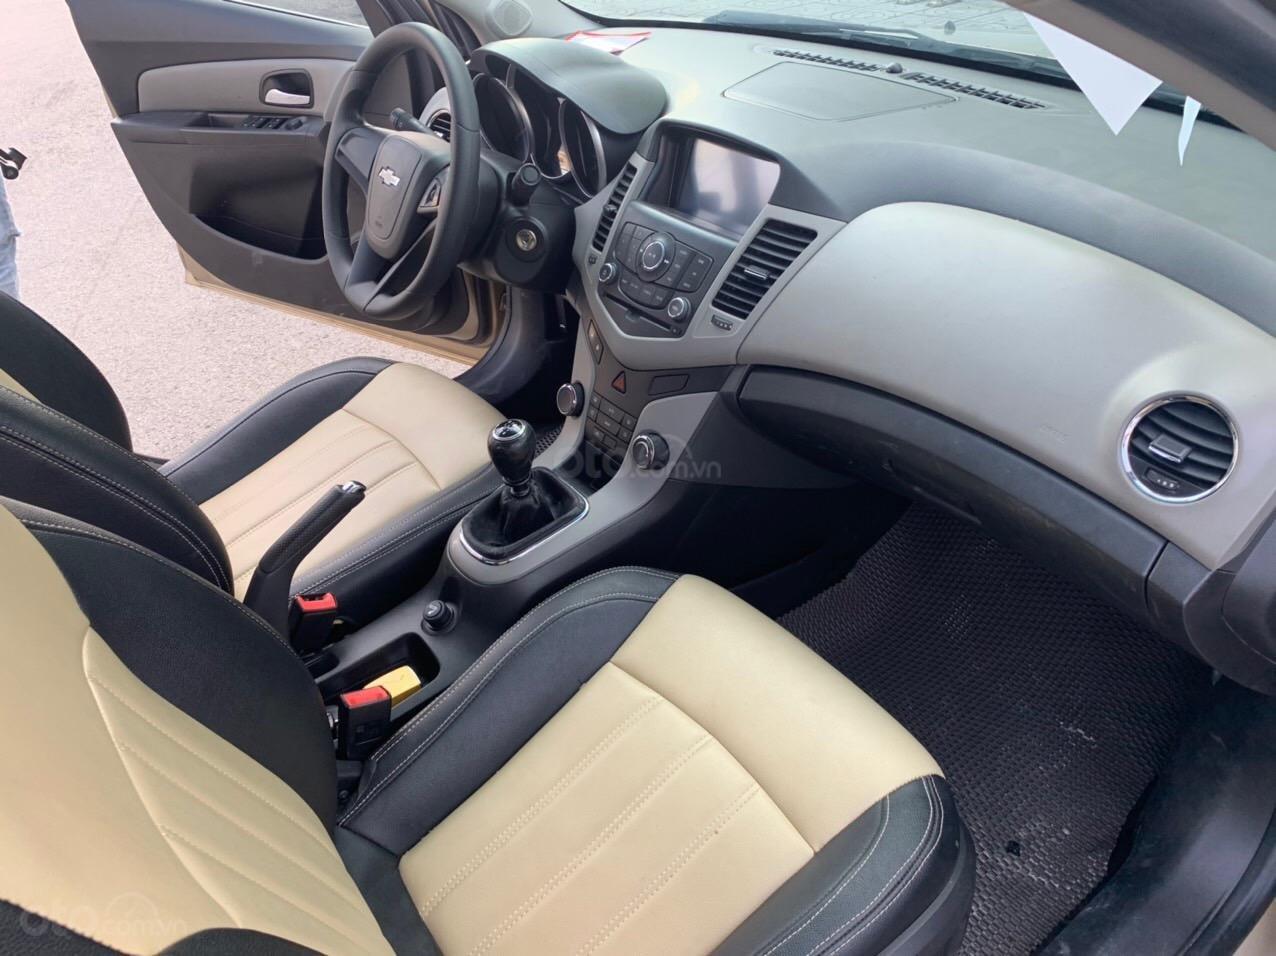 Cần bán Chevrolet Cruze sx 2013 số sàn 1.6 màu vàng - Quang Tiệp 0865.567.369 (6)